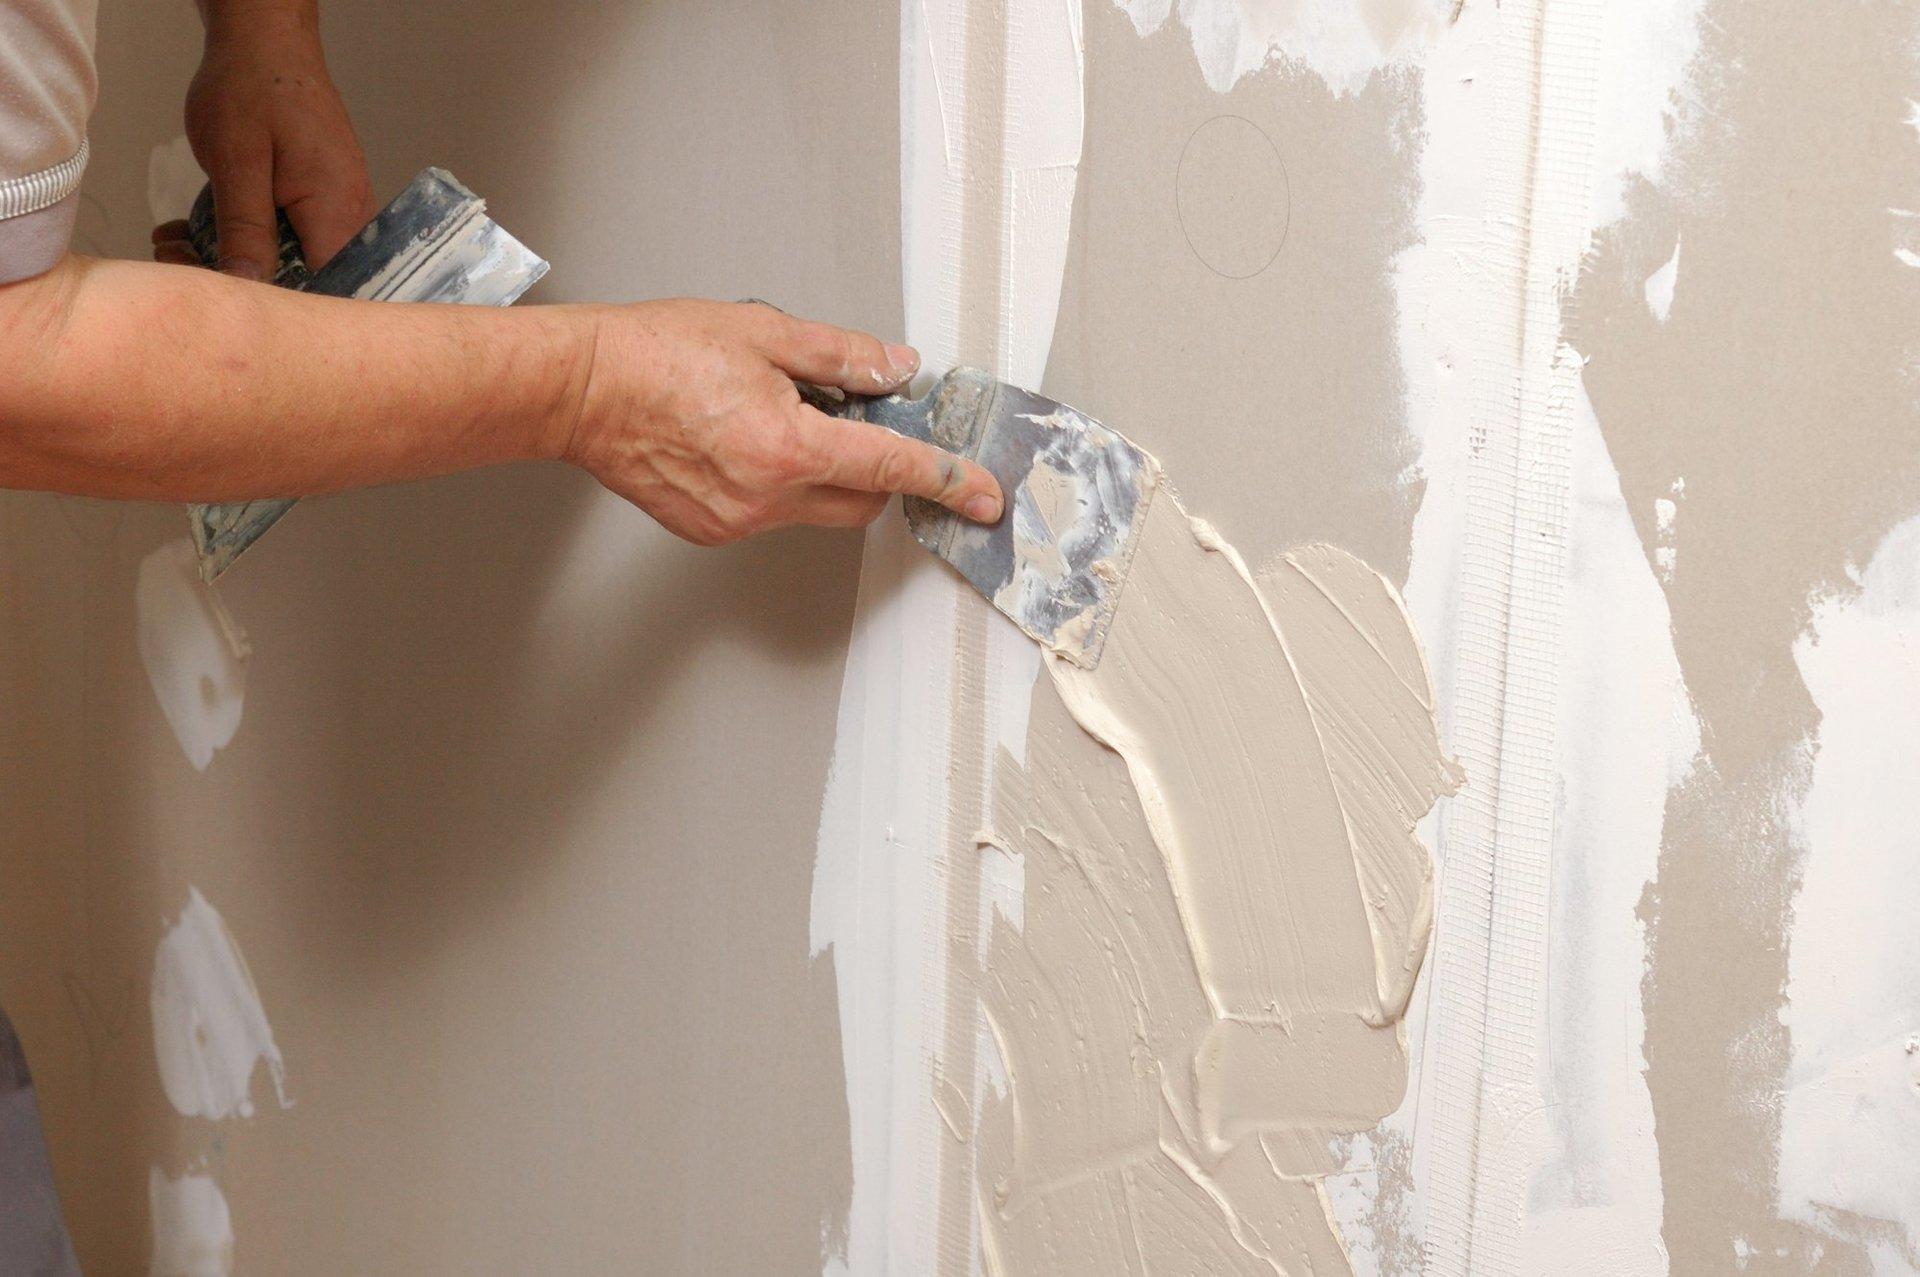 Штукатурка стен гипсовой штукатуркой своими руками - правила 31